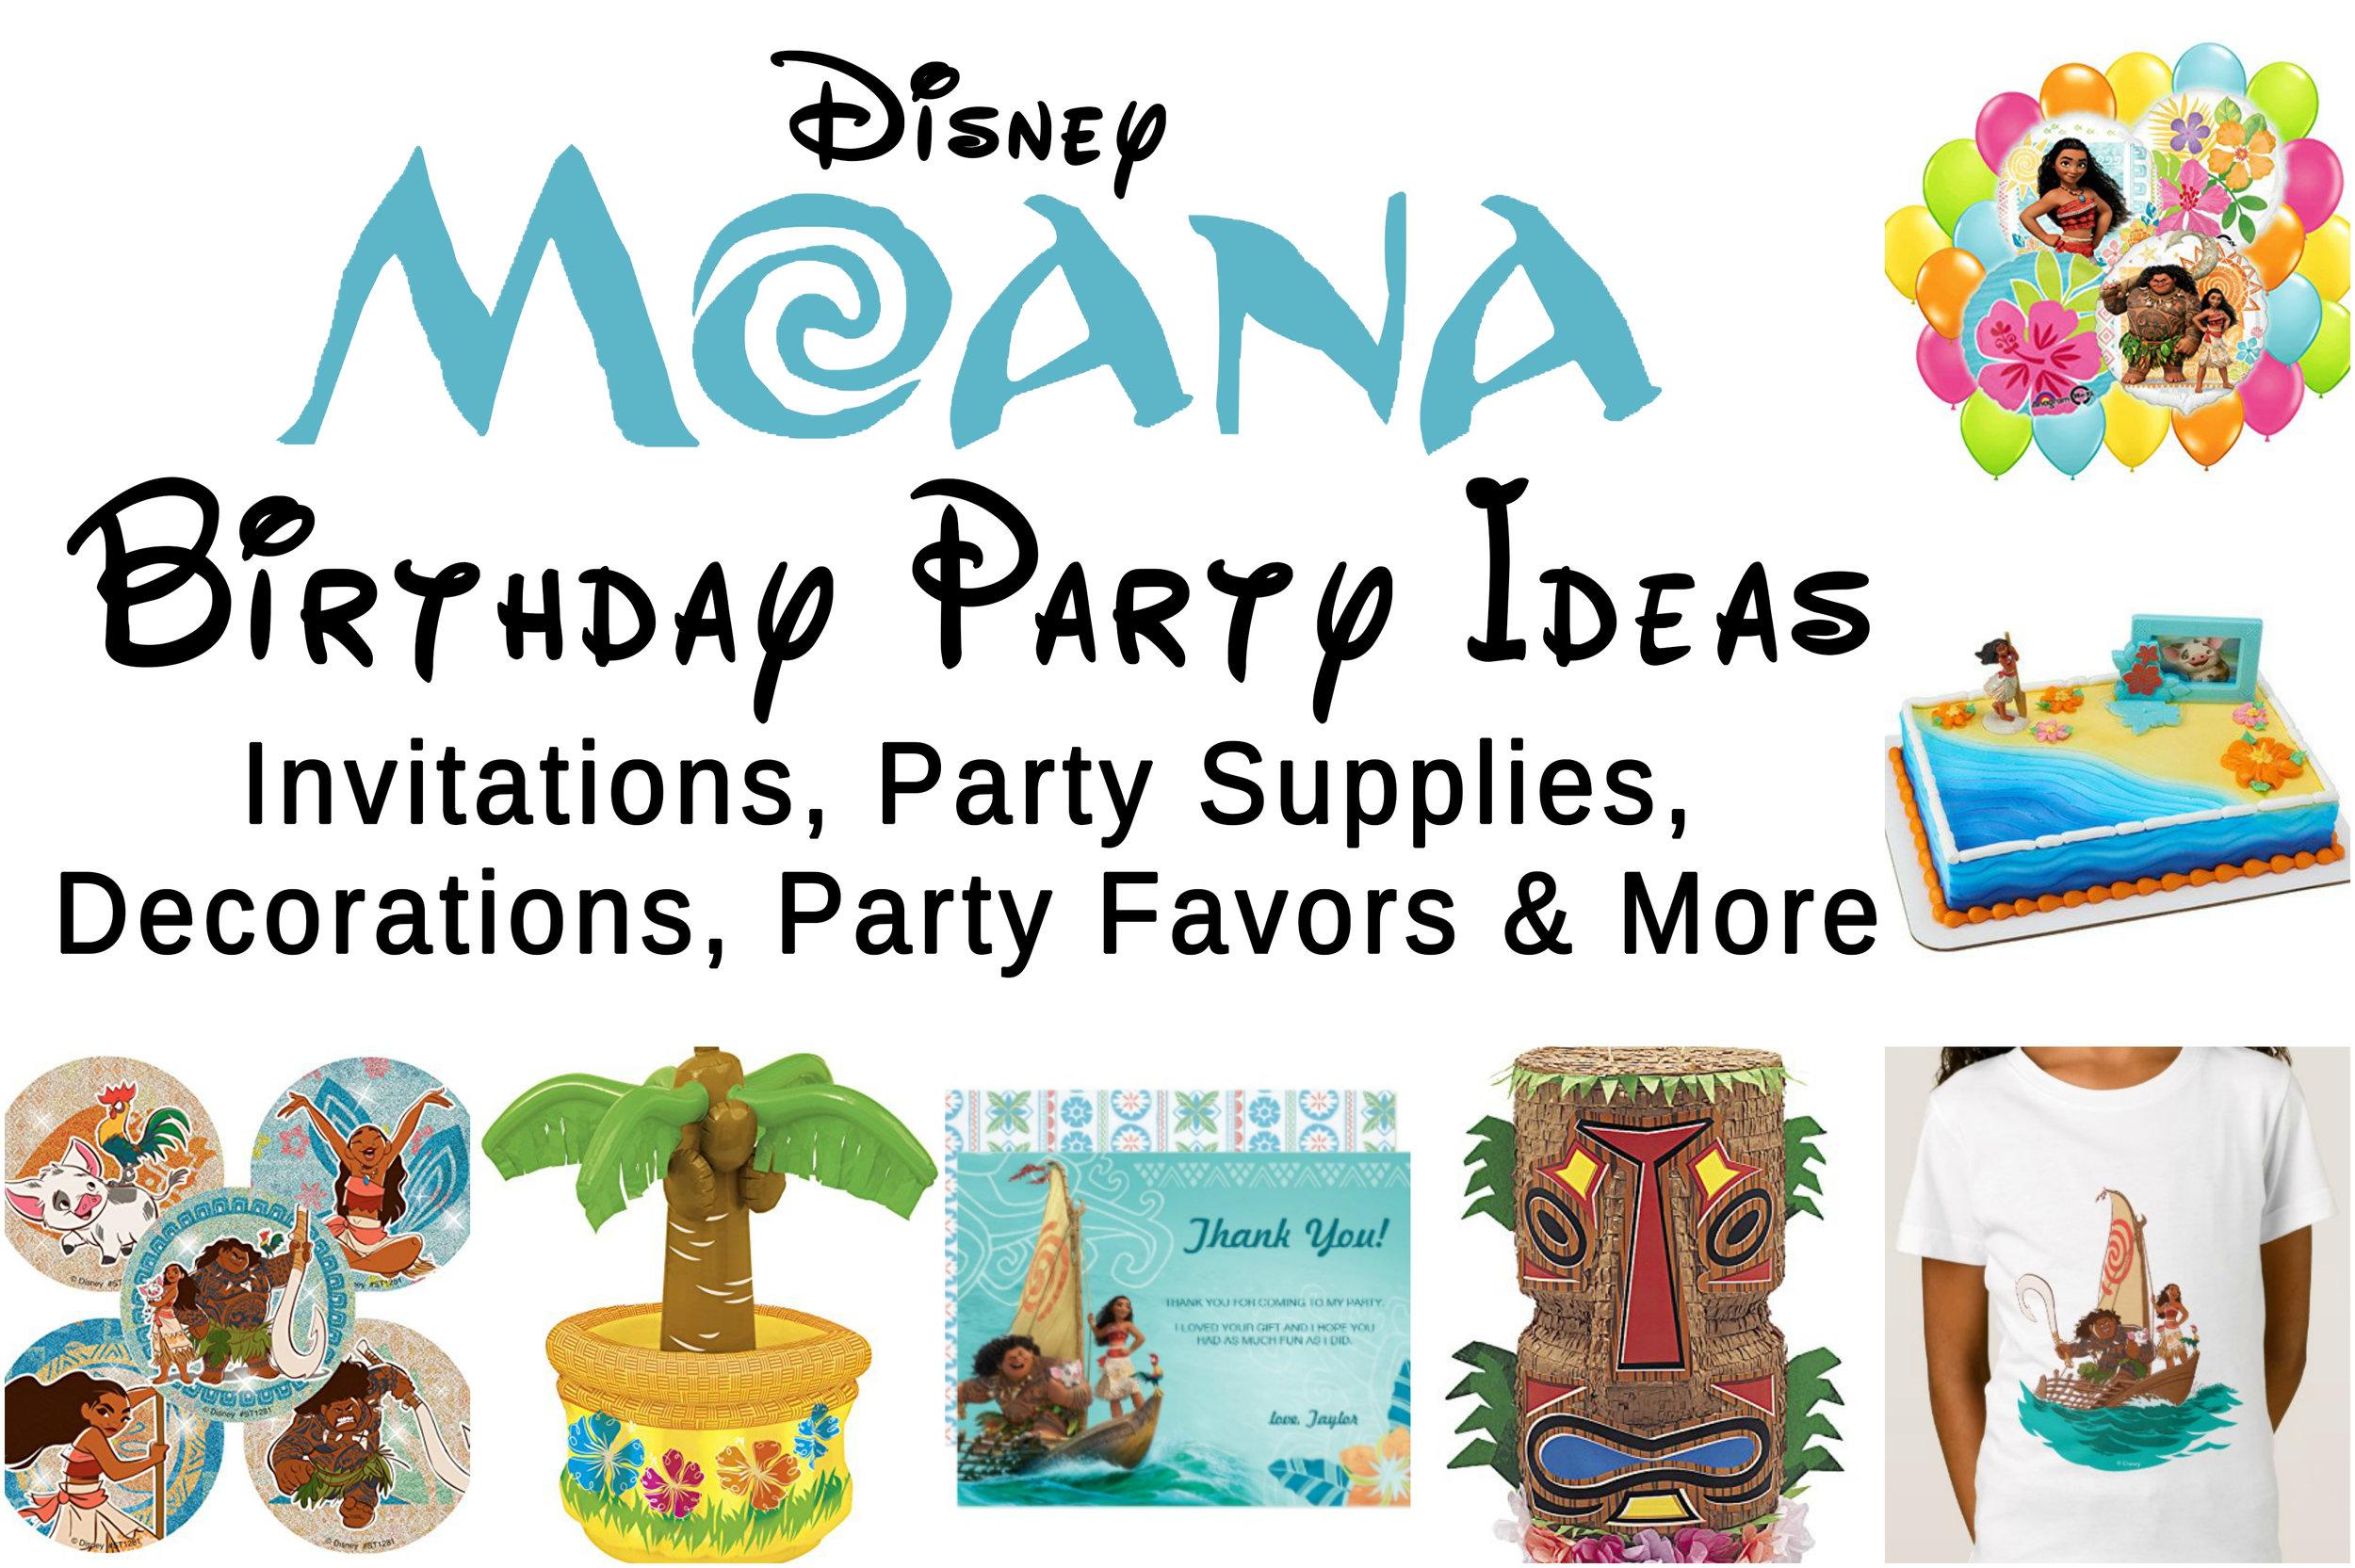 Disney Moana Birthday Party